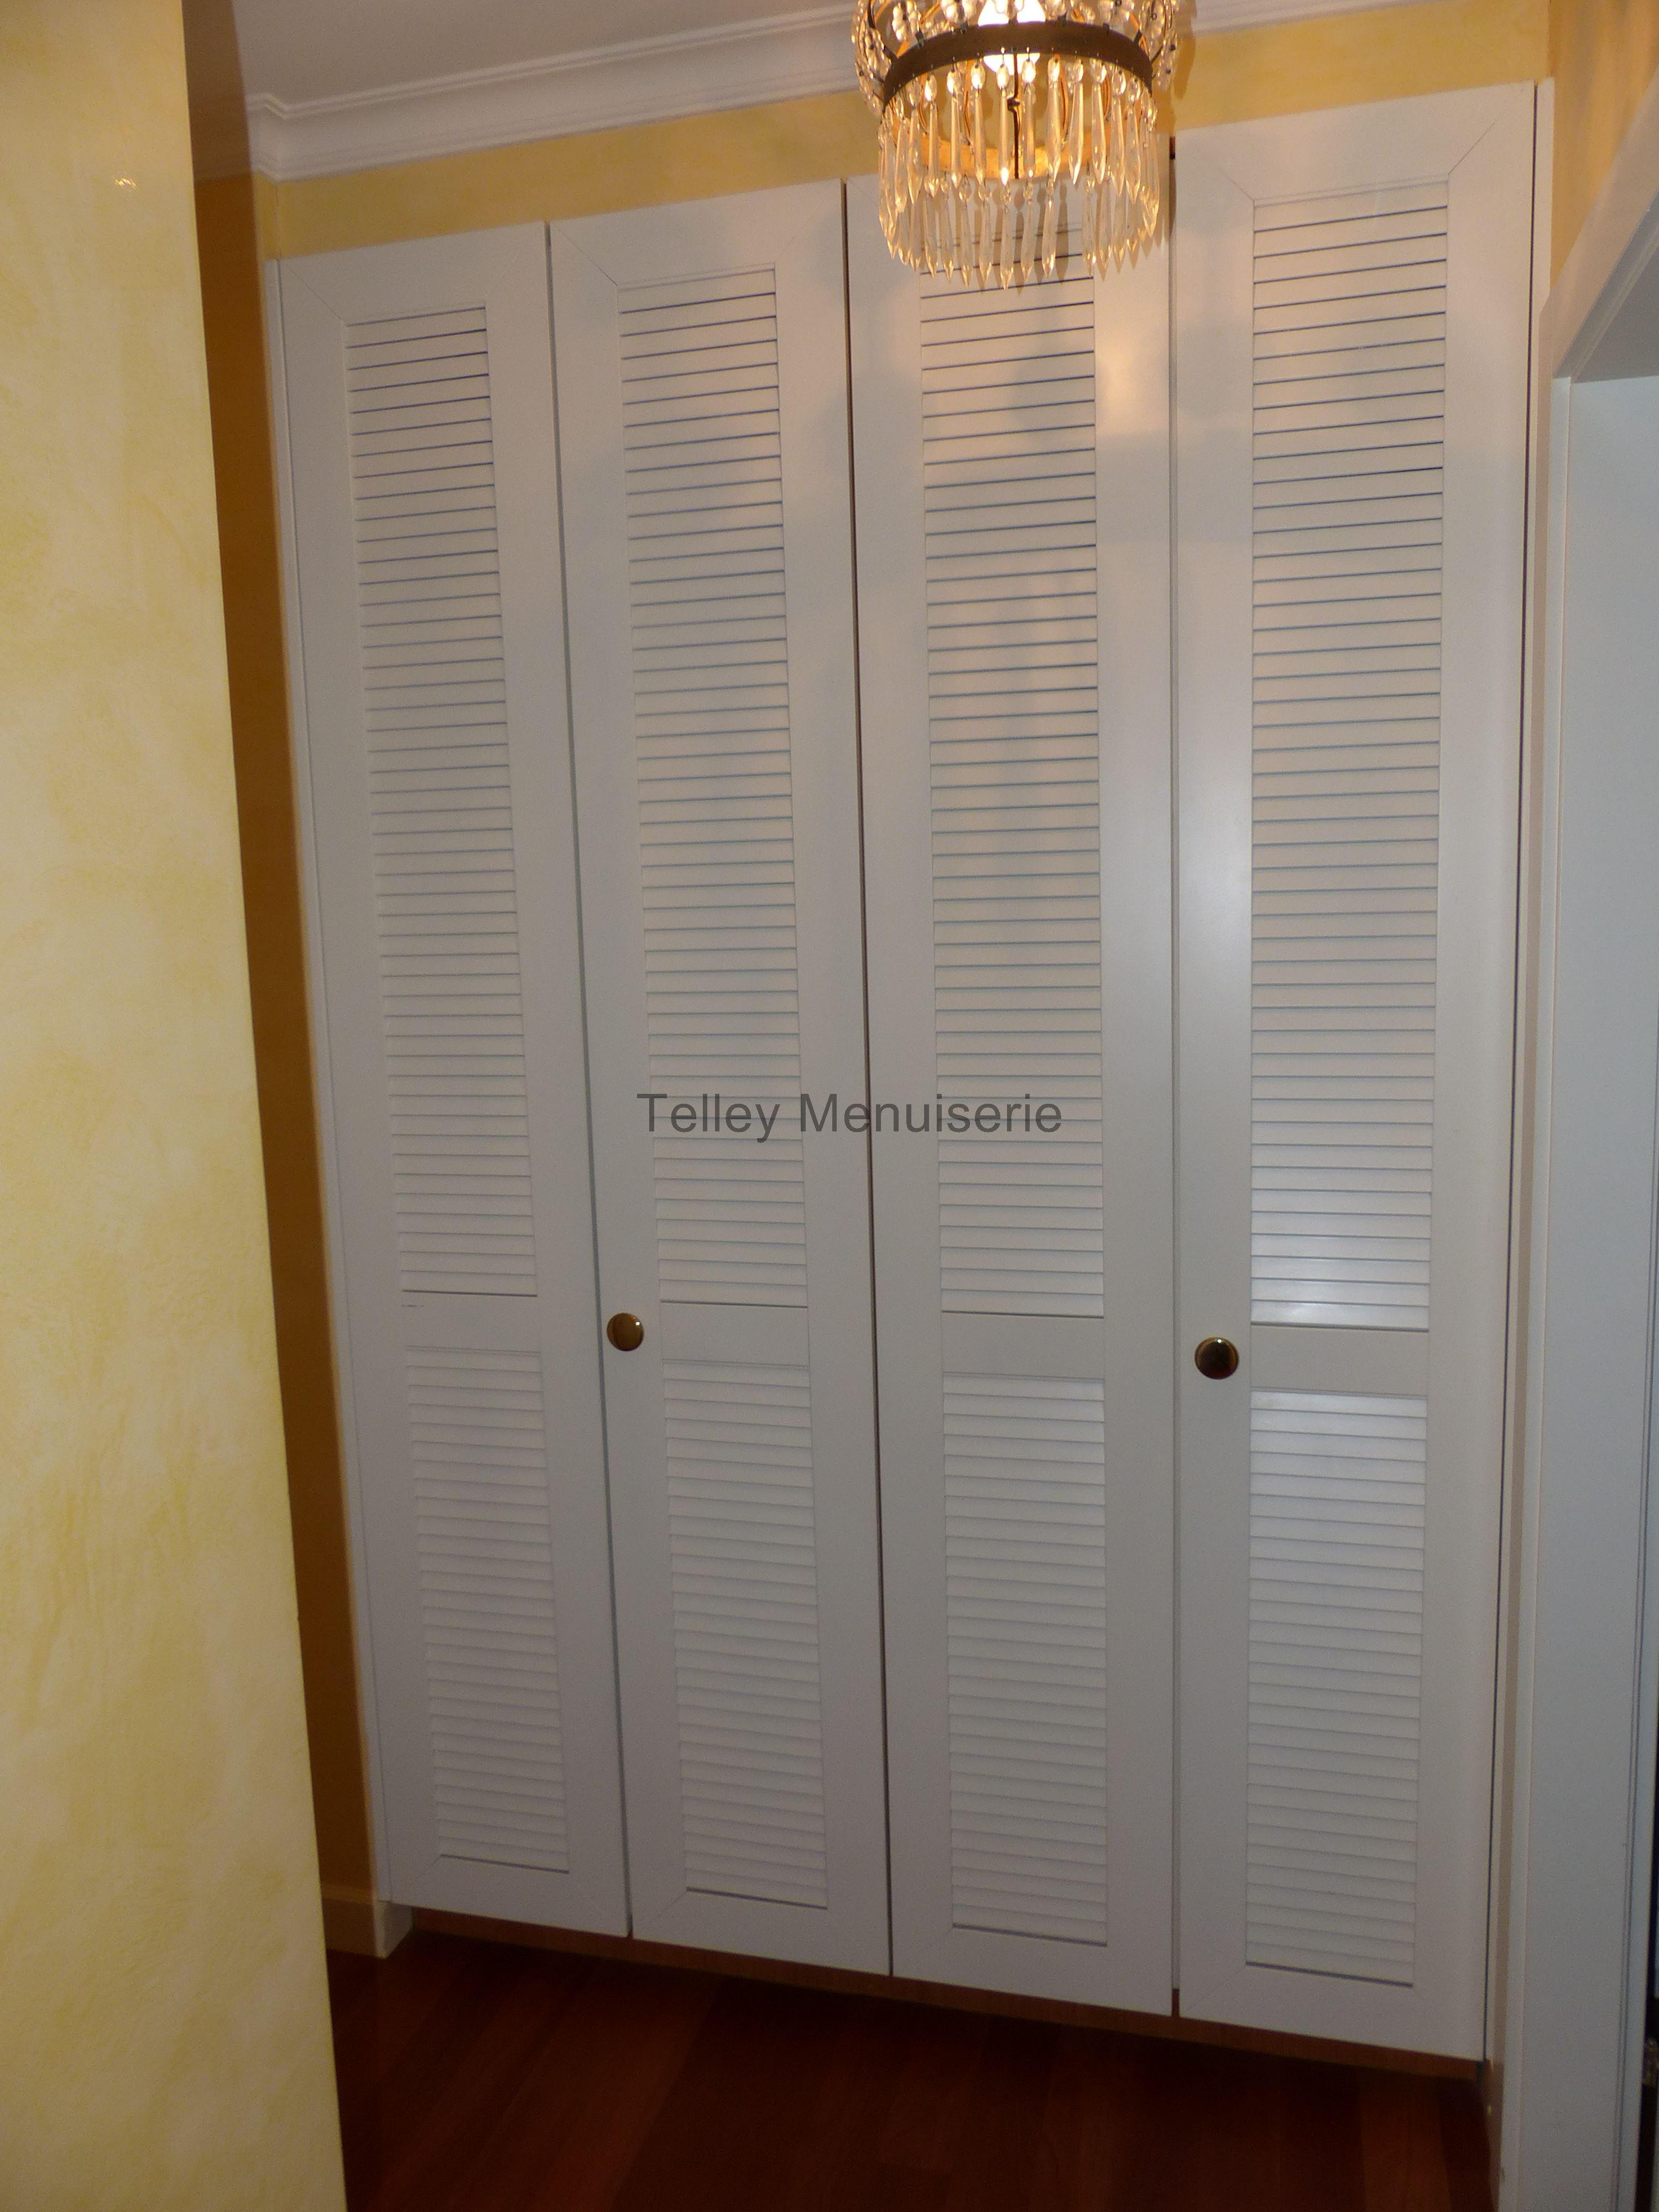 Agencement int rieure armoire dressing sur mesure telley 107 menuiserie telley - Armoire sur mesure suisse ...